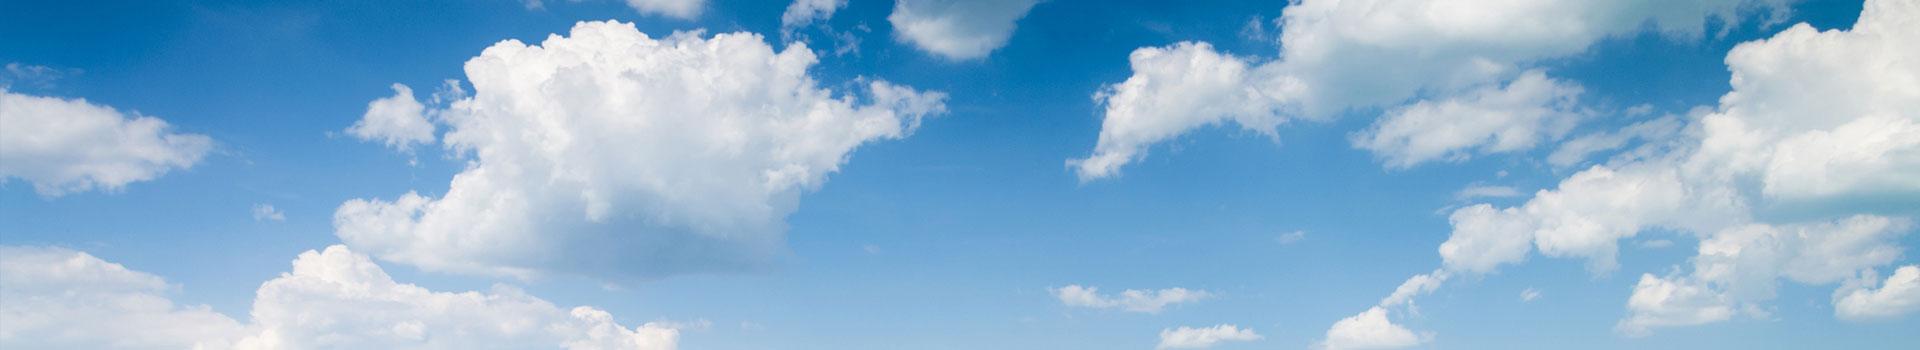 cloud.jpg - 67.03 kB